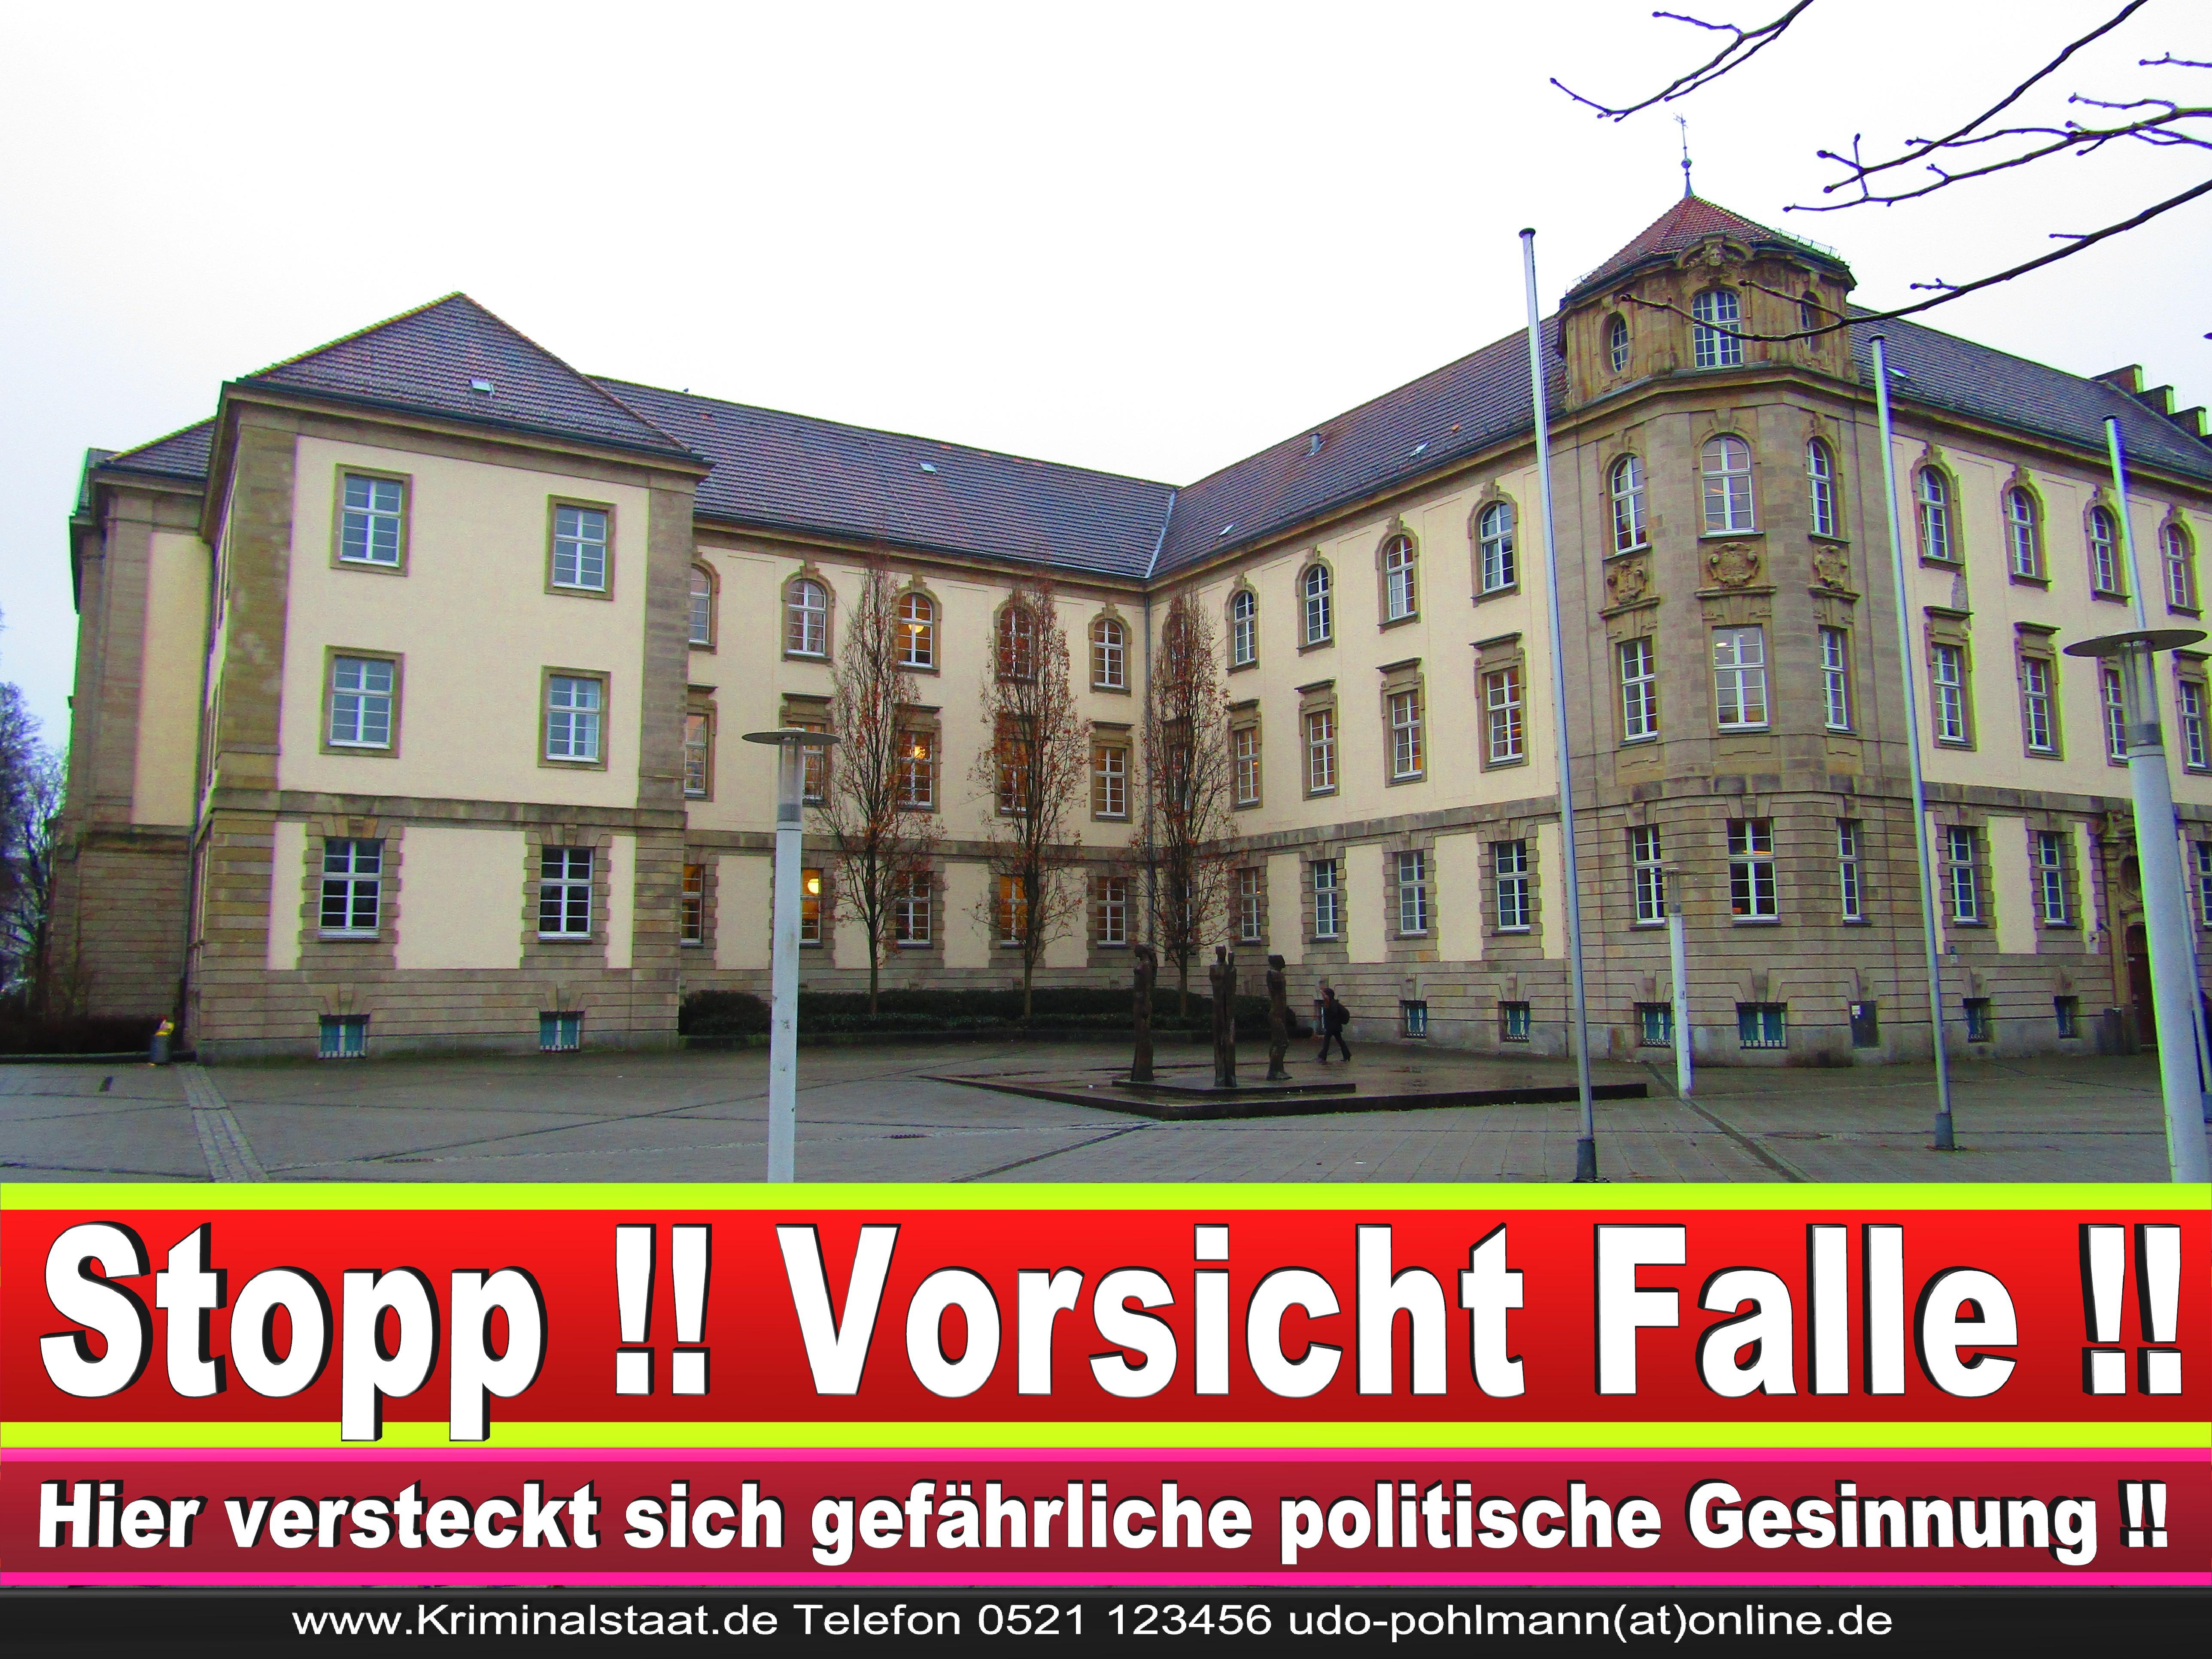 AMTSGERICHT DORTMUND RICHTER AUSBILDUNG PRAKTIKUM ANFAHRT URTEILE KORRUPTION POLIZEI ADRESSE DIREKTOR (17) 2